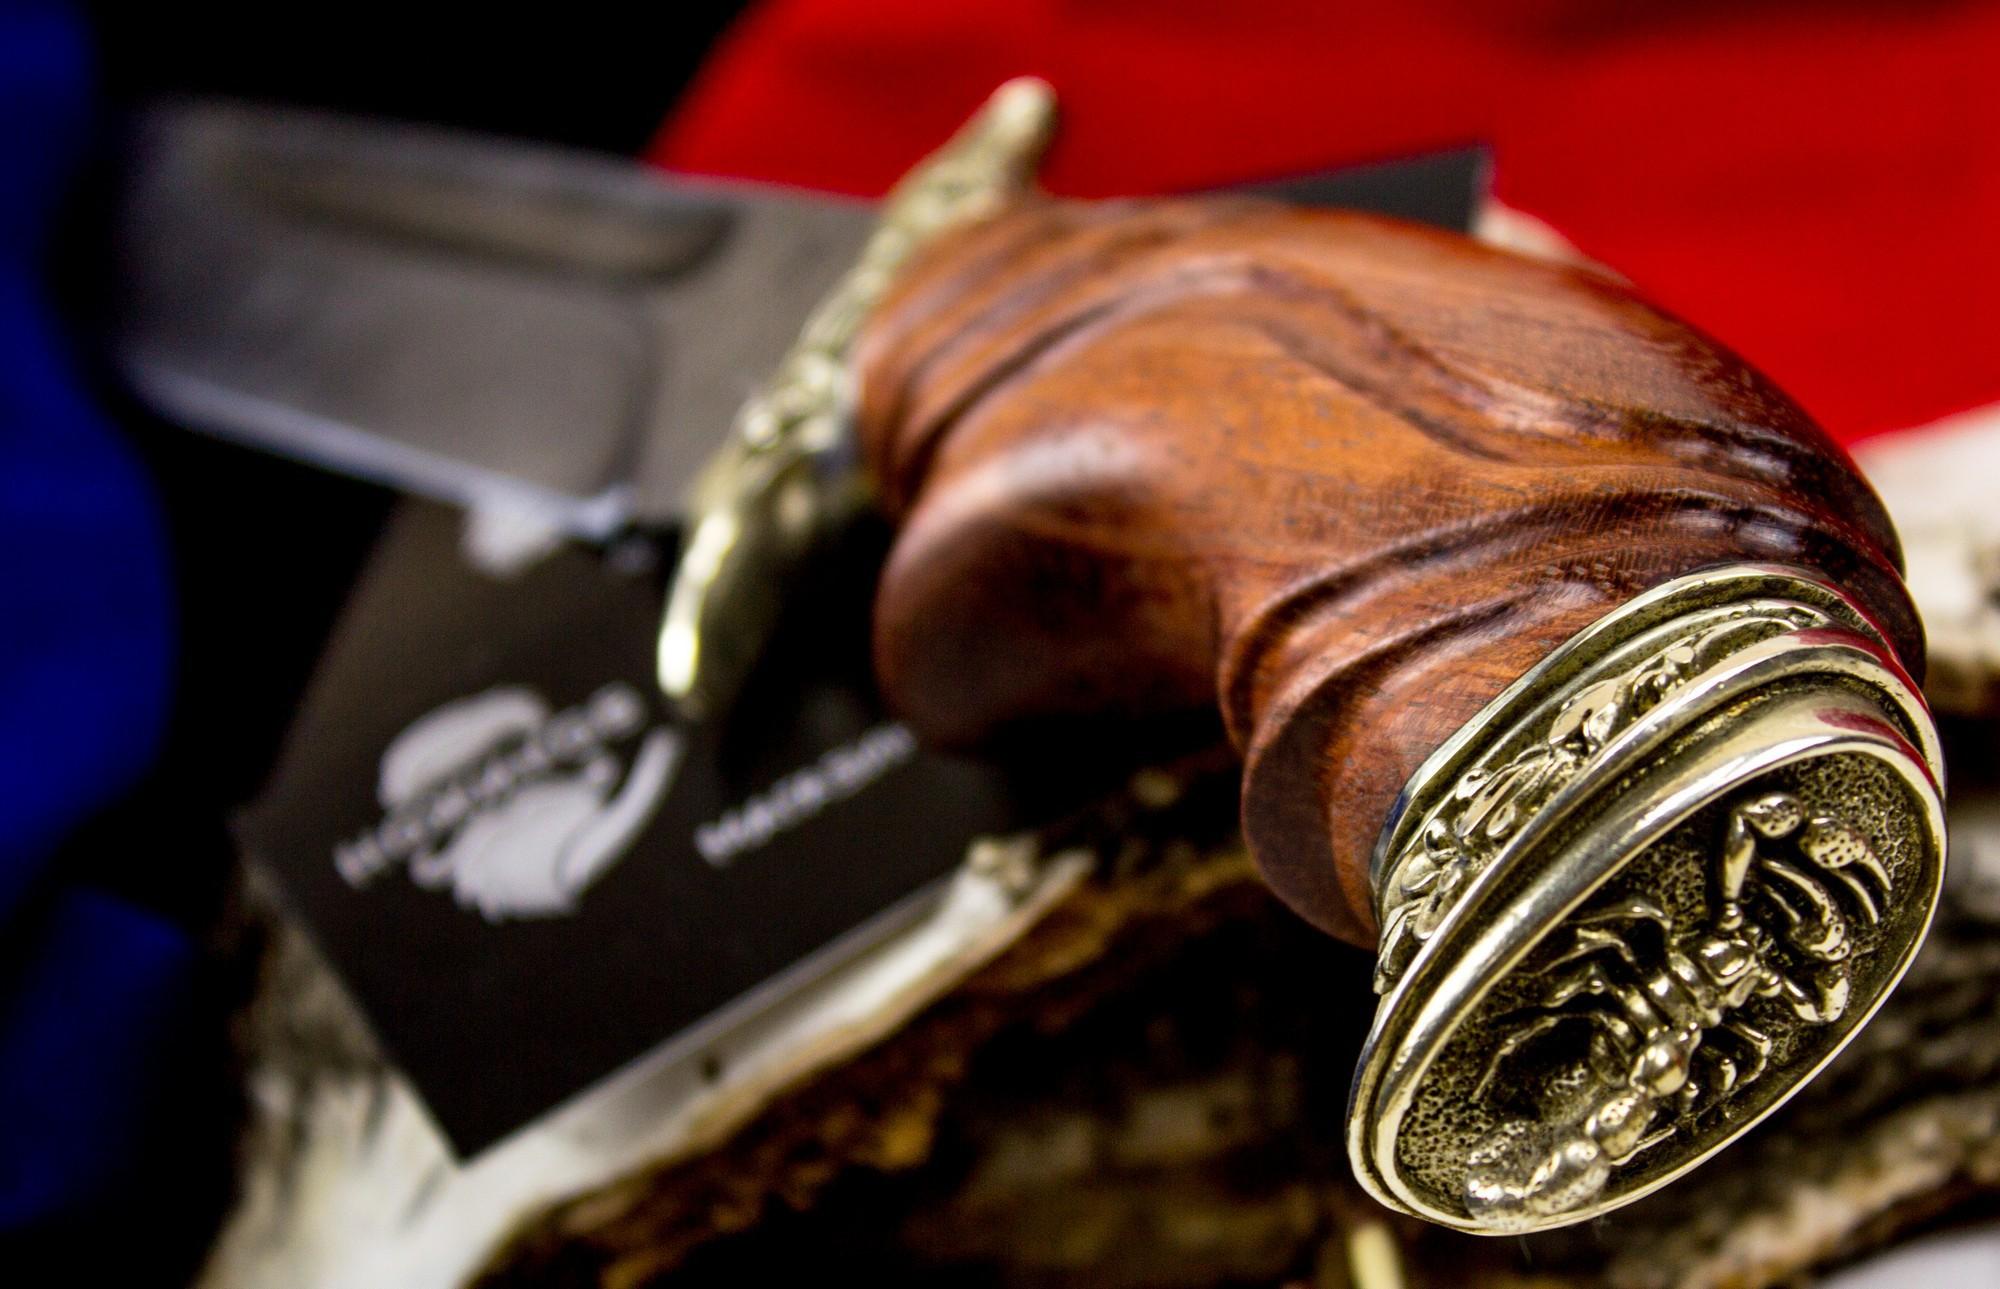 Фото 8 - Нож Варяг с резной рукоятью,  дамасская сталь, литье скорпион от Кузница Семина